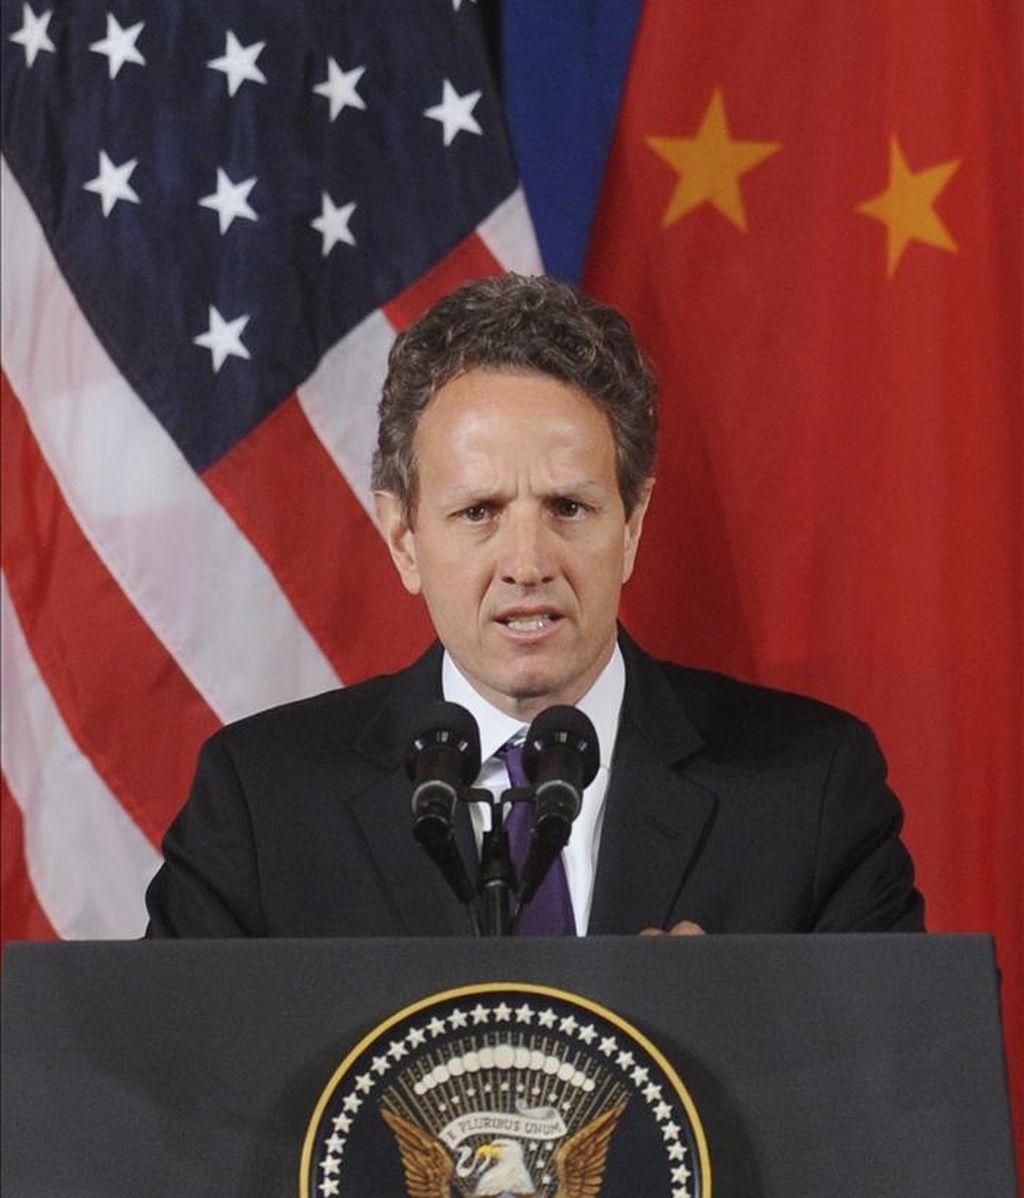 El Secretario del Tesoso de Estados Unidos Timothy Geithner, hace un comentario durante la inauguración del Diálogo Estratégico y Económico entre Estados Unidos y China 2011, en Washington, EE.UU., este 9 de mayo. EFE